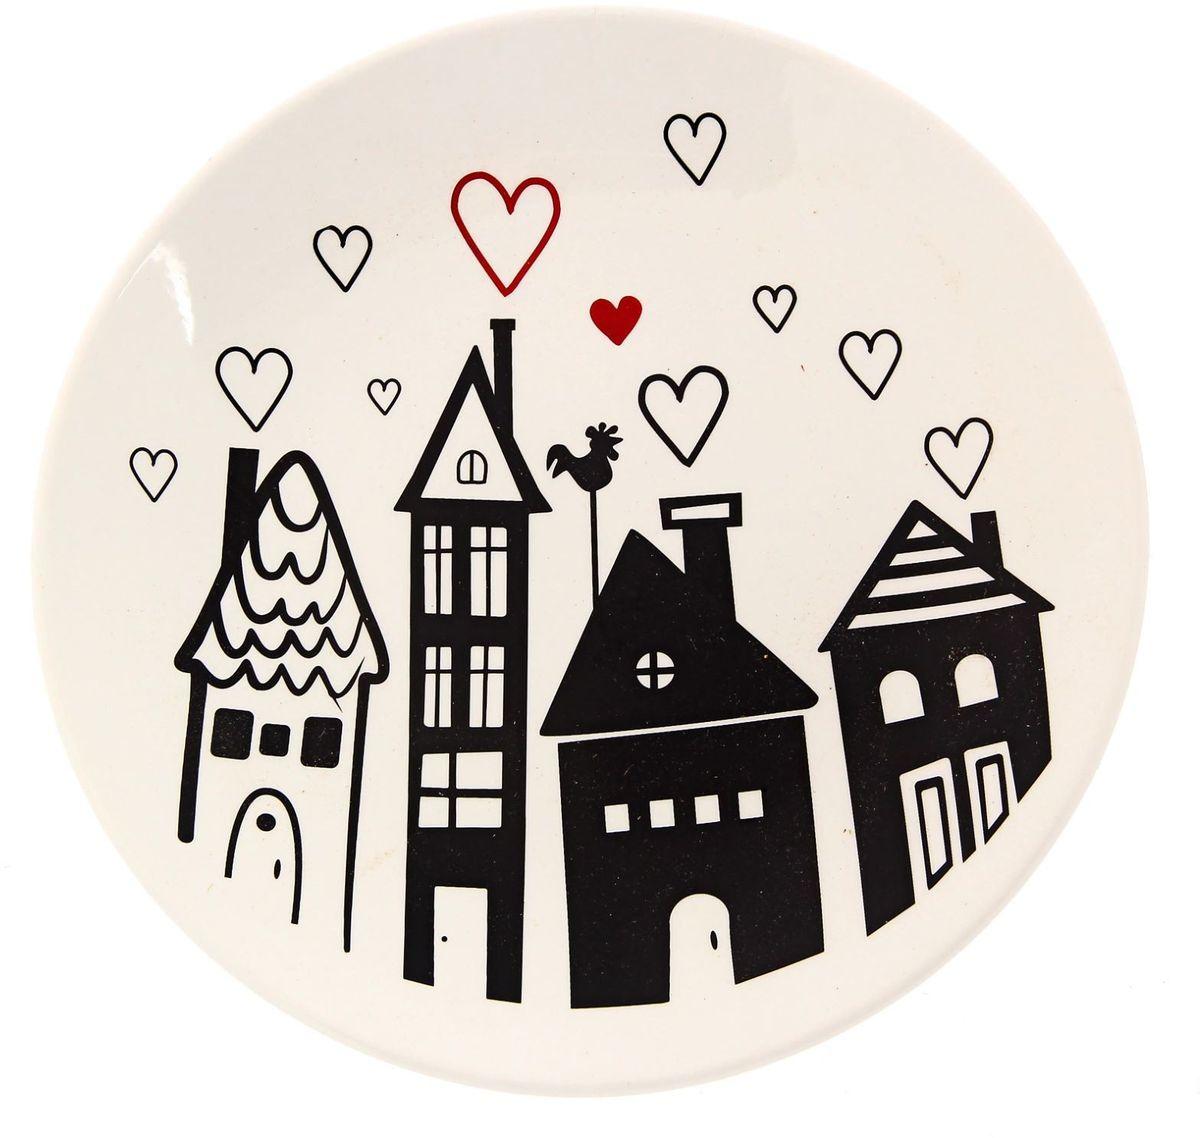 Тарелка Сотвори чудо Город любви, диаметр 22 см тарелка глубокая сотвори чудо полярный мишка диаметр 20 см